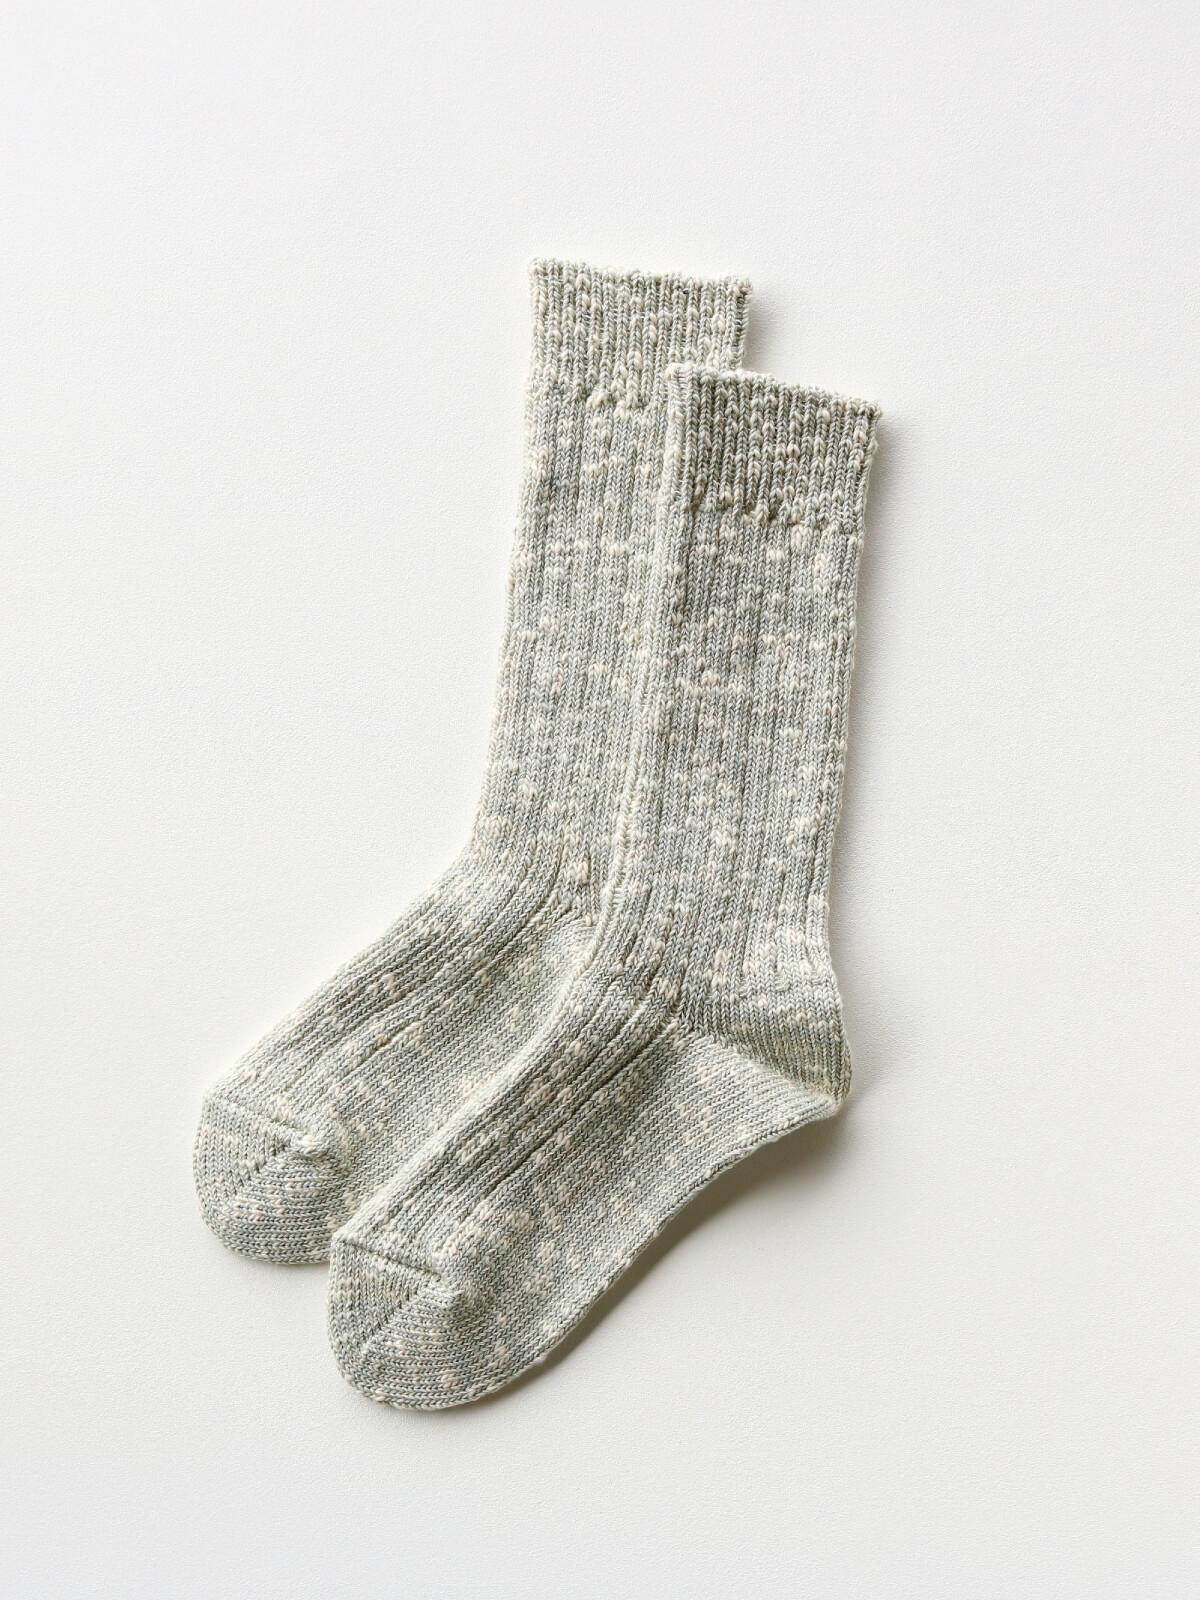 当たりつきギフト専用靴下のLUCKY SOCKS(ラッキーソックス)のMix Rib Socks(ミックスリブソックス)のペールミント_2